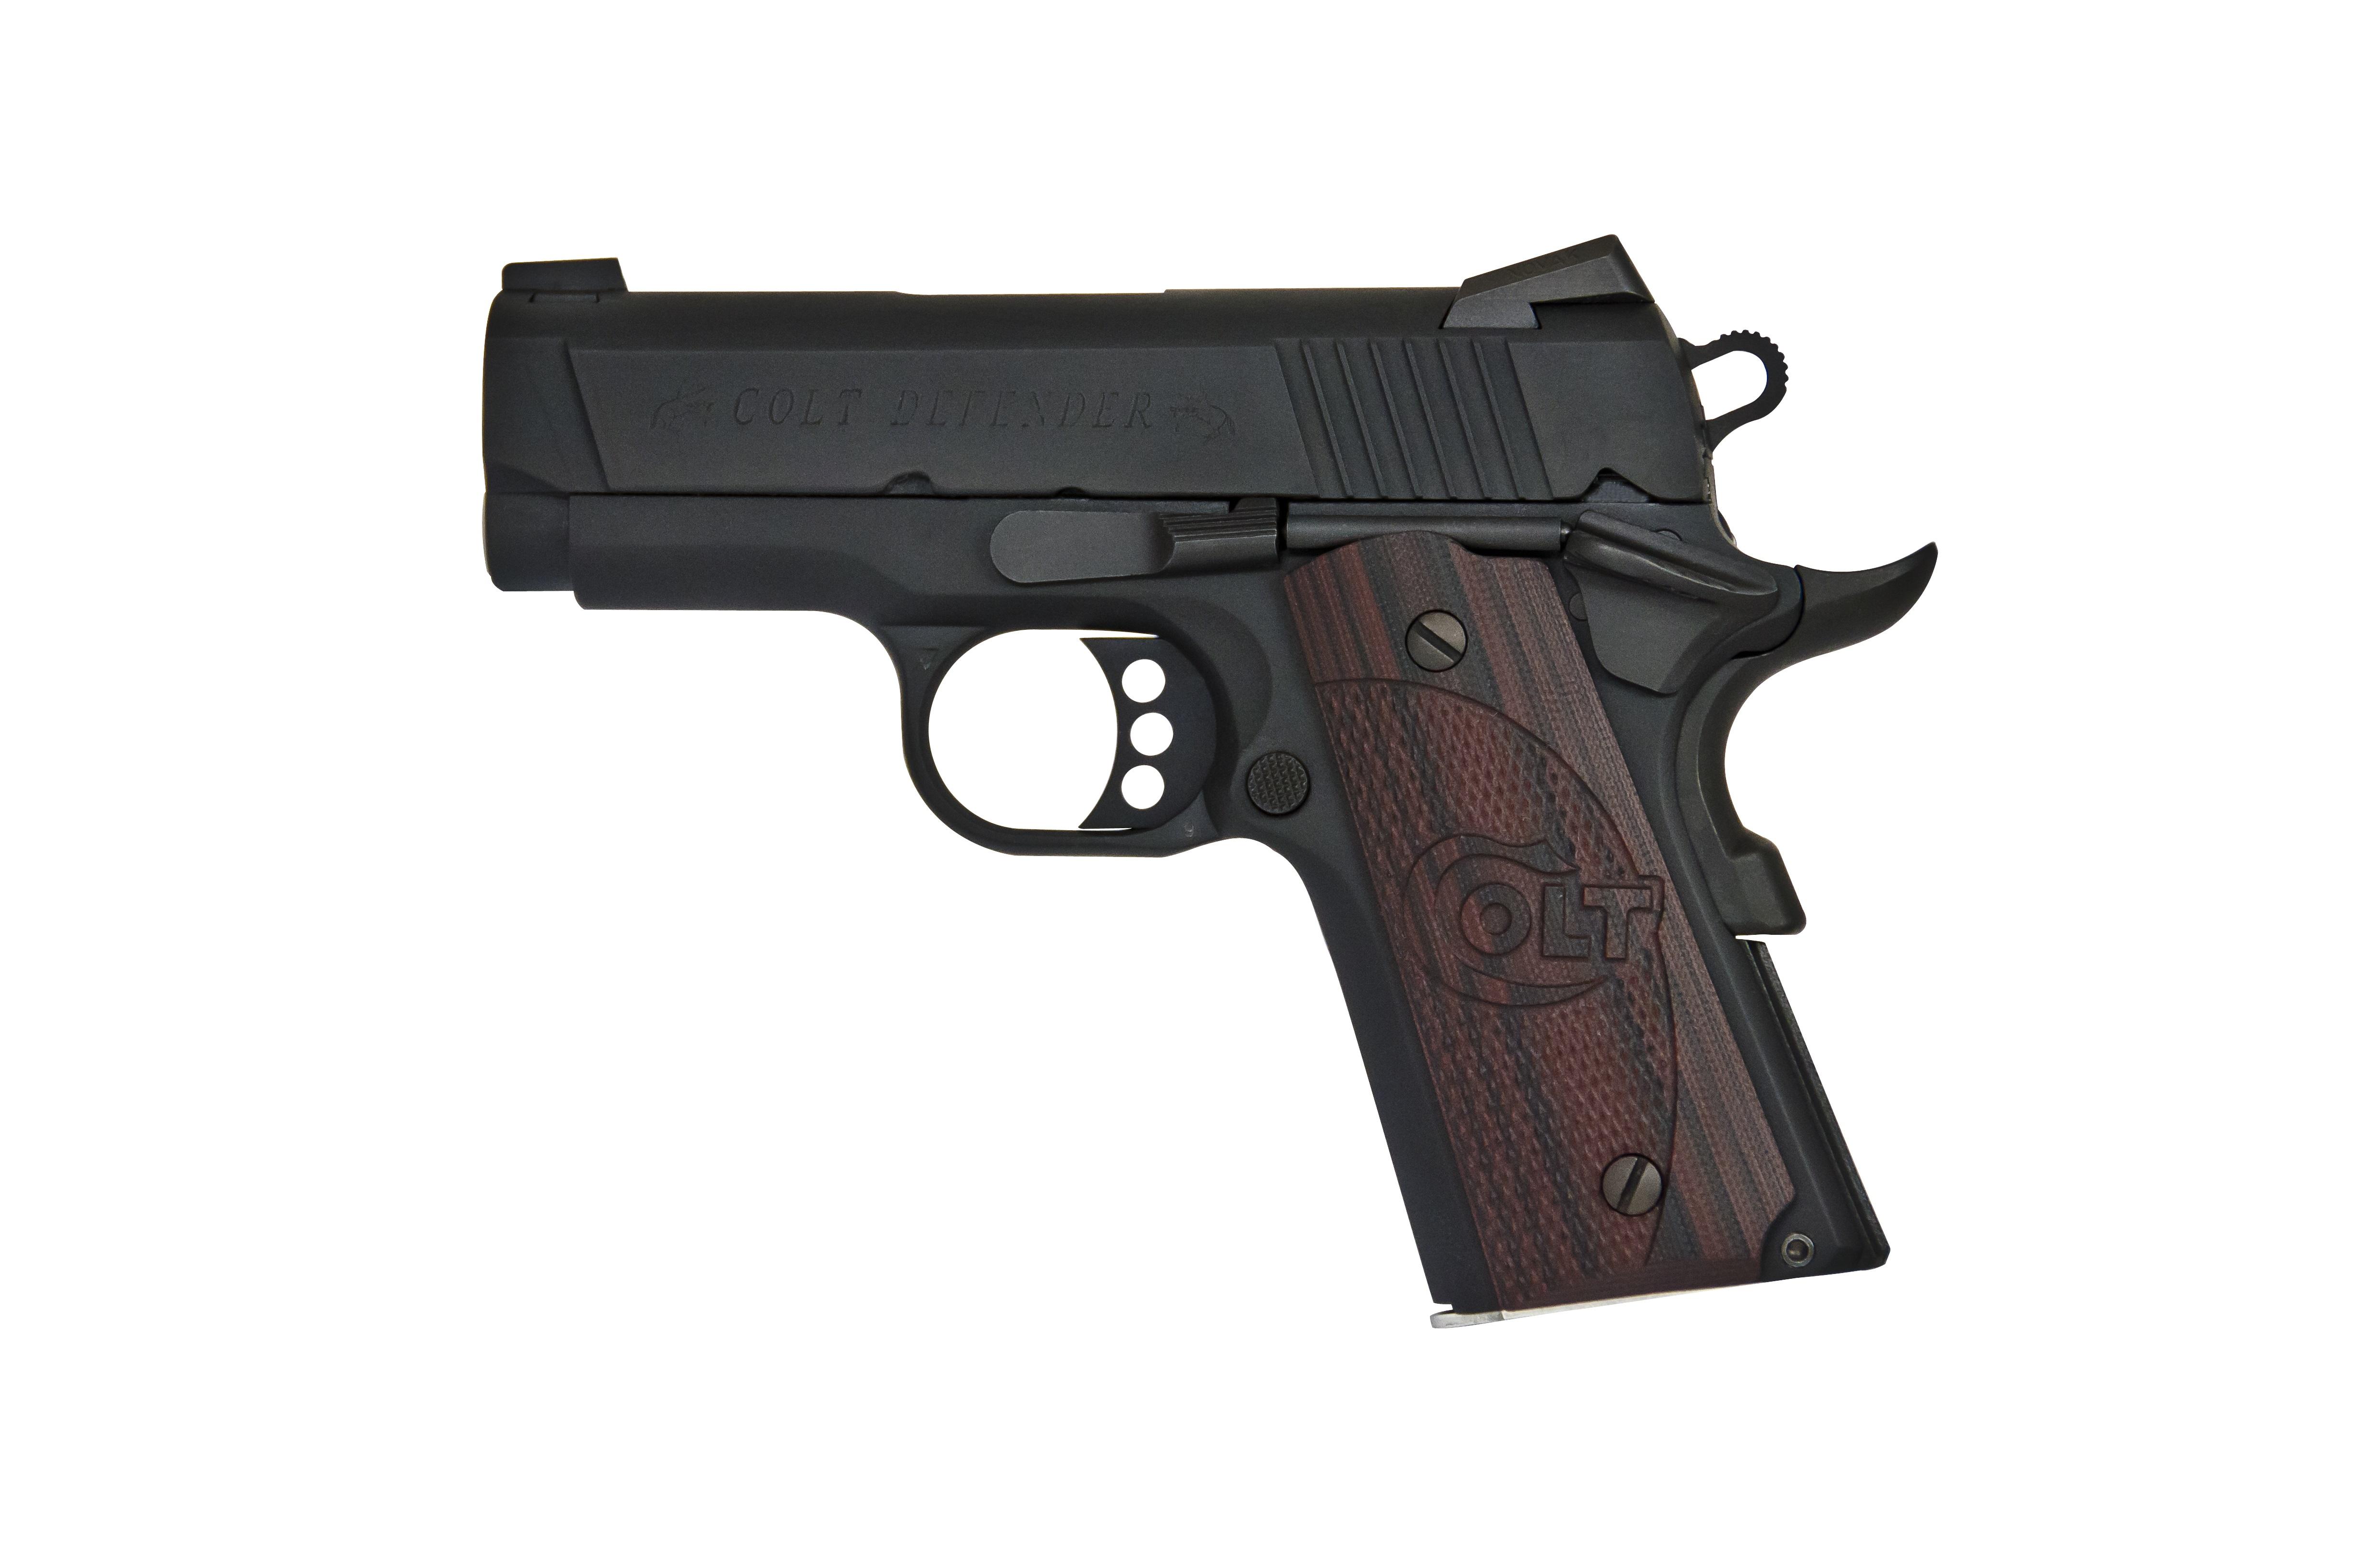 Colt Defender 45 ACP